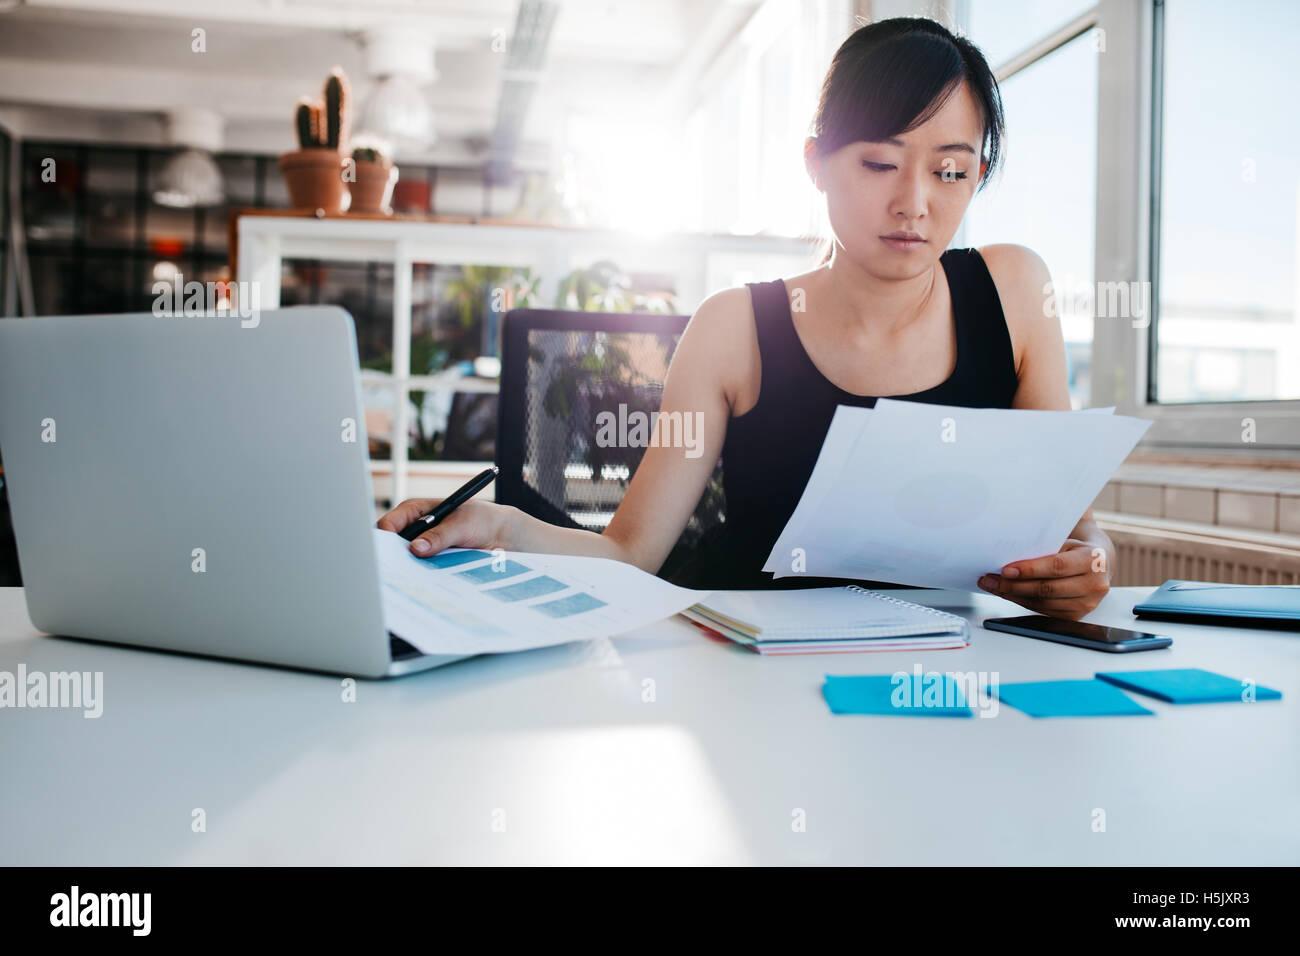 Ritratto di giovane donna asiatica la lettura dei documenti alla sua scrivania. Imprenditrice al suo posto di lavoro Immagini Stock